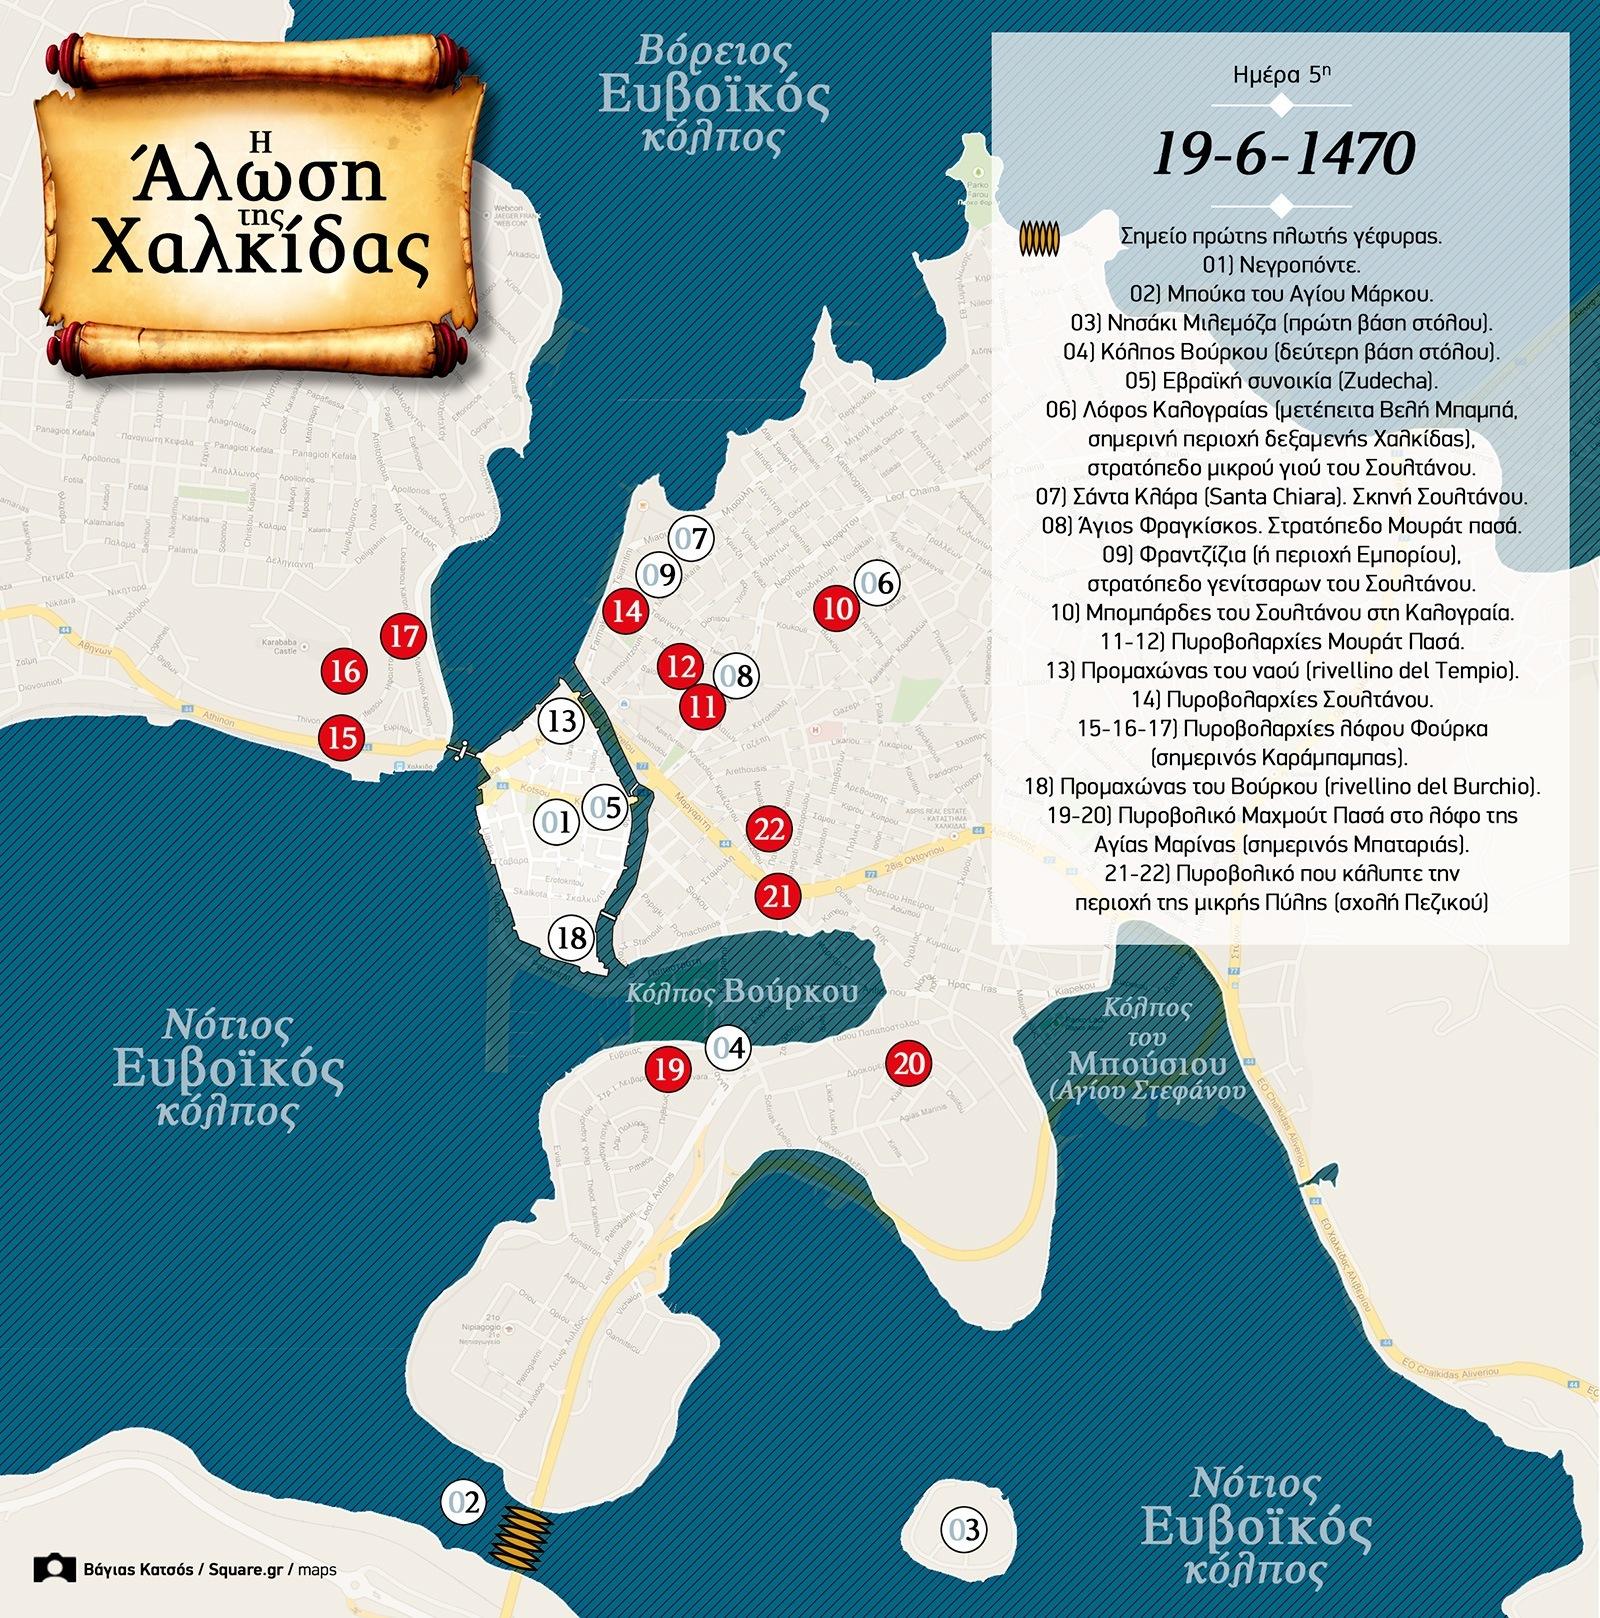 4-Χάρτης-άλωσης-Χαλκίδας-διάταξη-πυροβολαρχιών-Mωάμεθ-Β'-στο-Νεγροπόντε